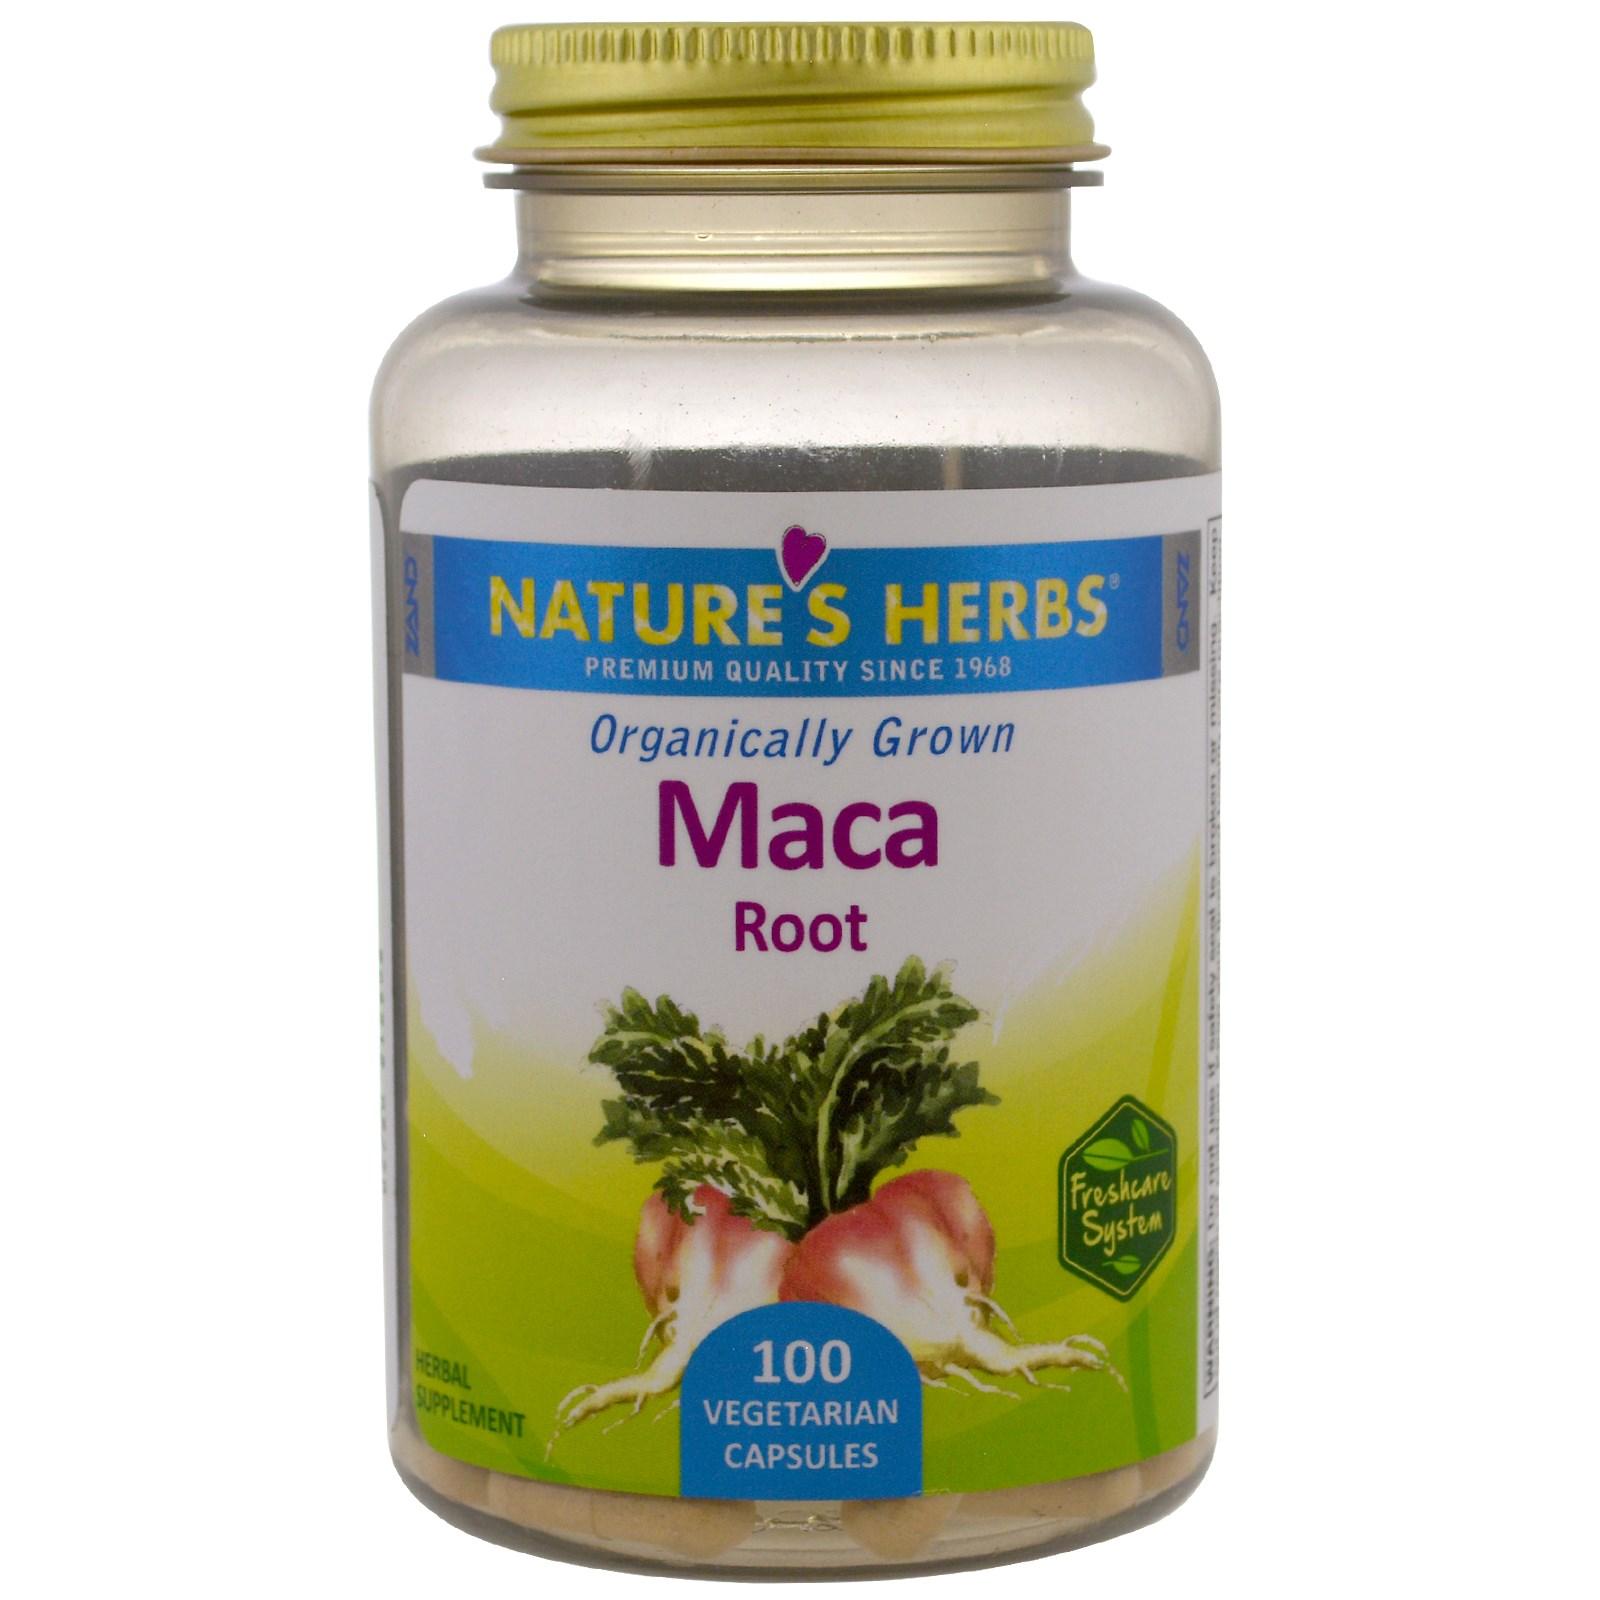 Nature's Herbs, Organic Maca Root, 100 Vegetarian Capsules